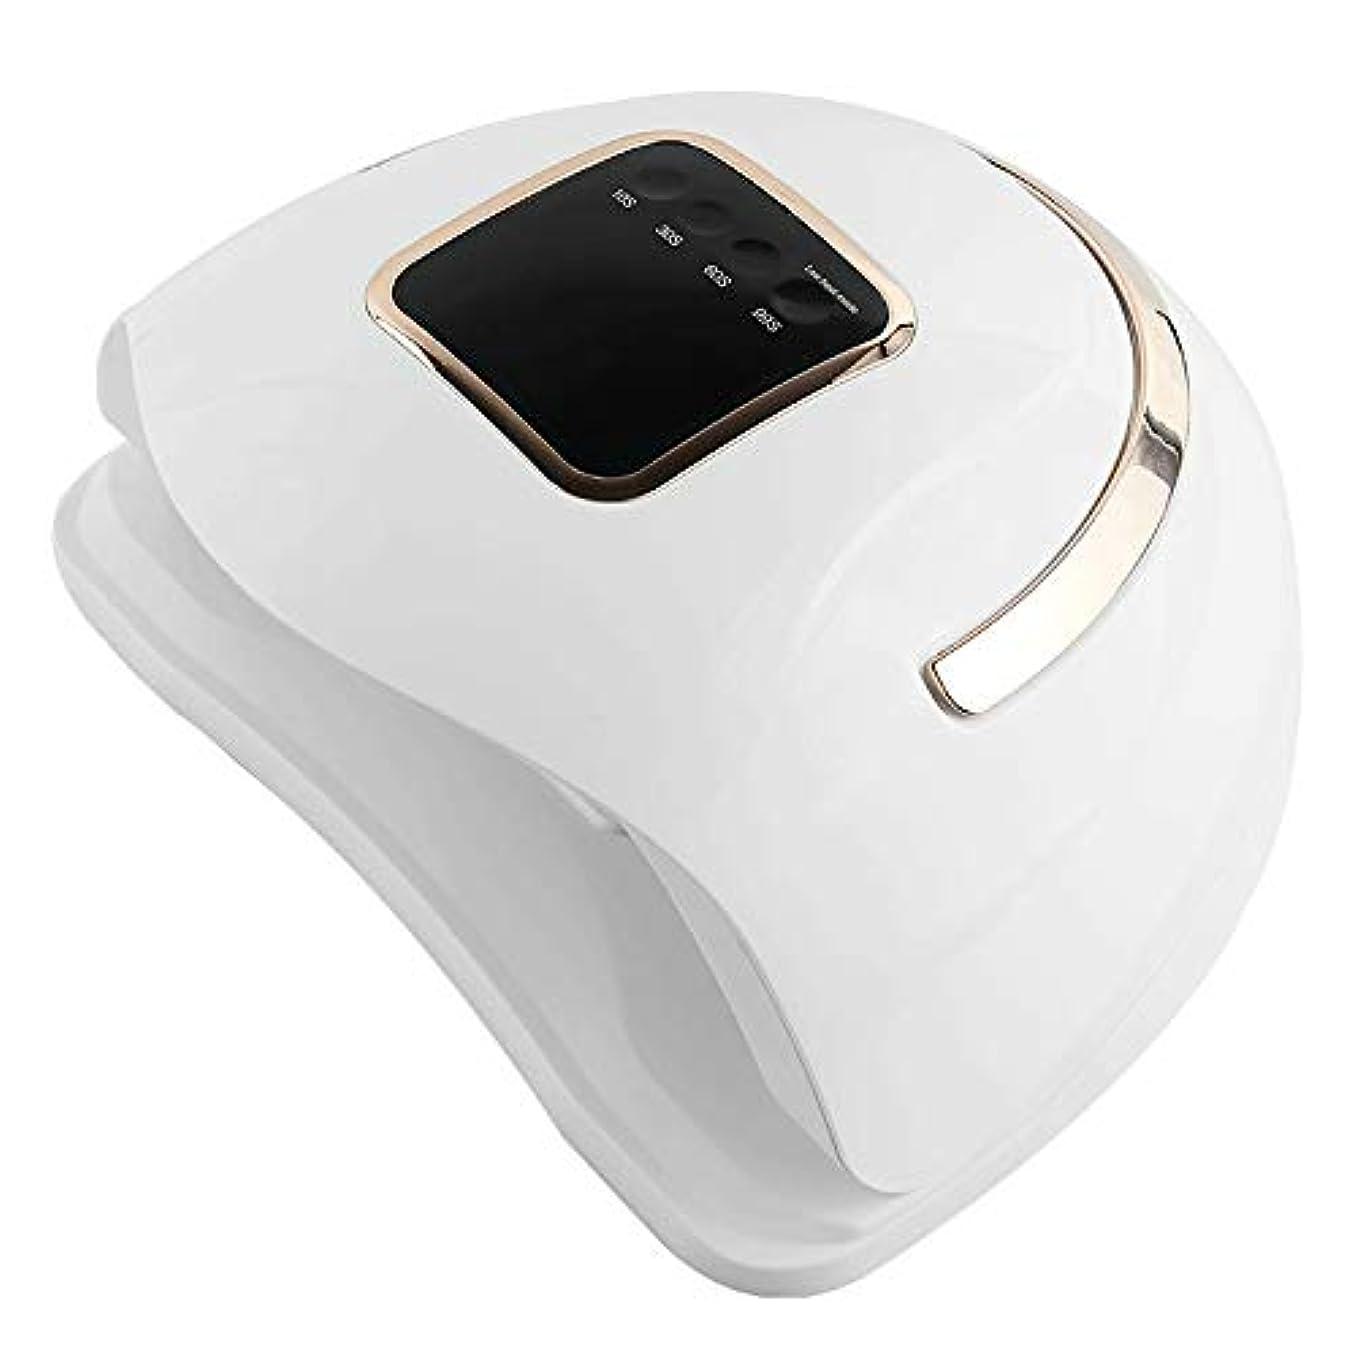 バレーボールトランクアンソロジーZXCVB 120W-UV LEDネイルランプ、より高速なネイルドライヤー用ゲルポーランドで4タイマの設定プロフェッショナルジェルランプポータブルハンドル硬化ランプのための爪と爪オートセンサーネイルマシン(黒、白) (Color : White)